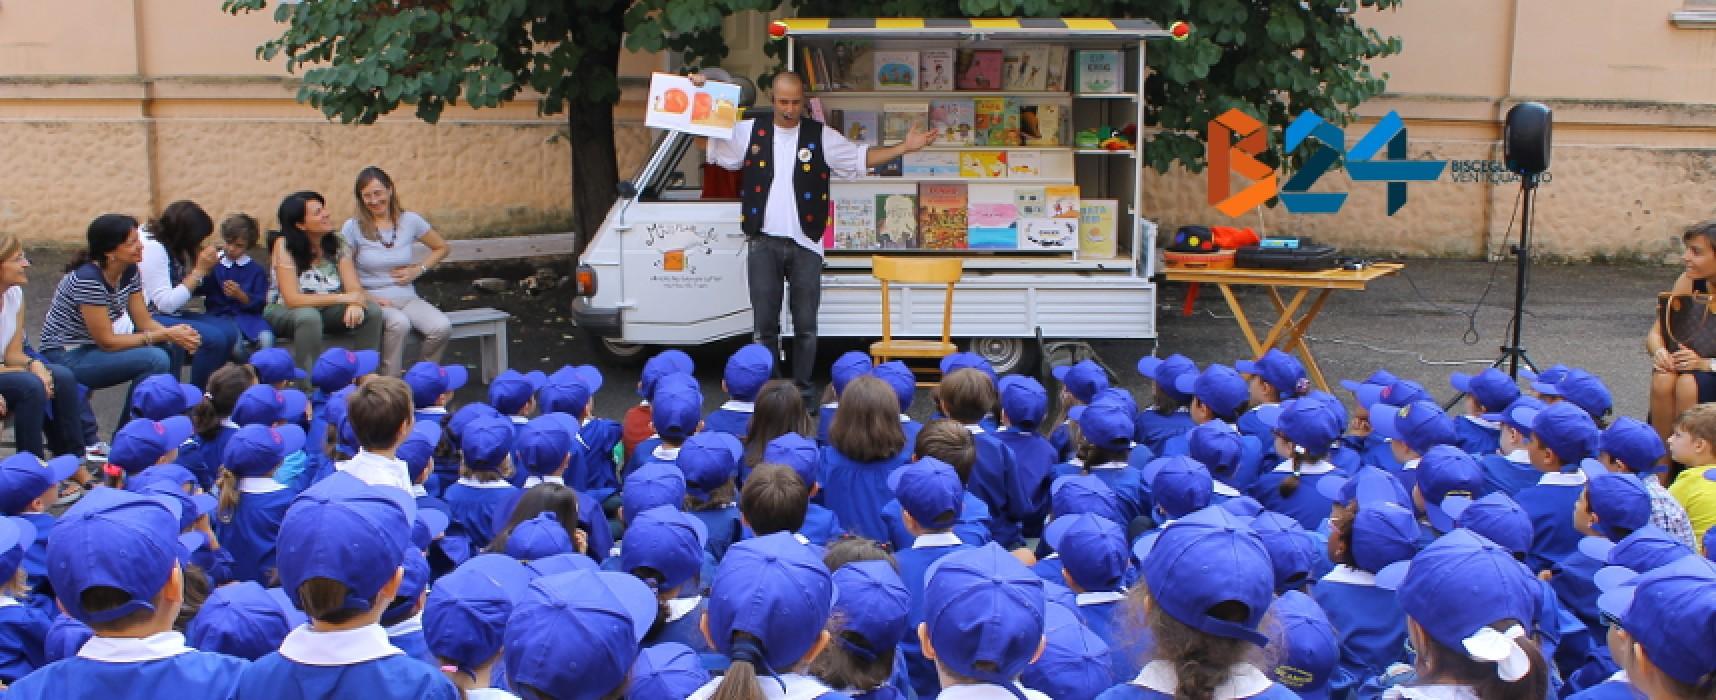 """Festa dell'accoglienza alla """"De Amicis"""", inizia il viaggio degli alunni delle prime classi"""